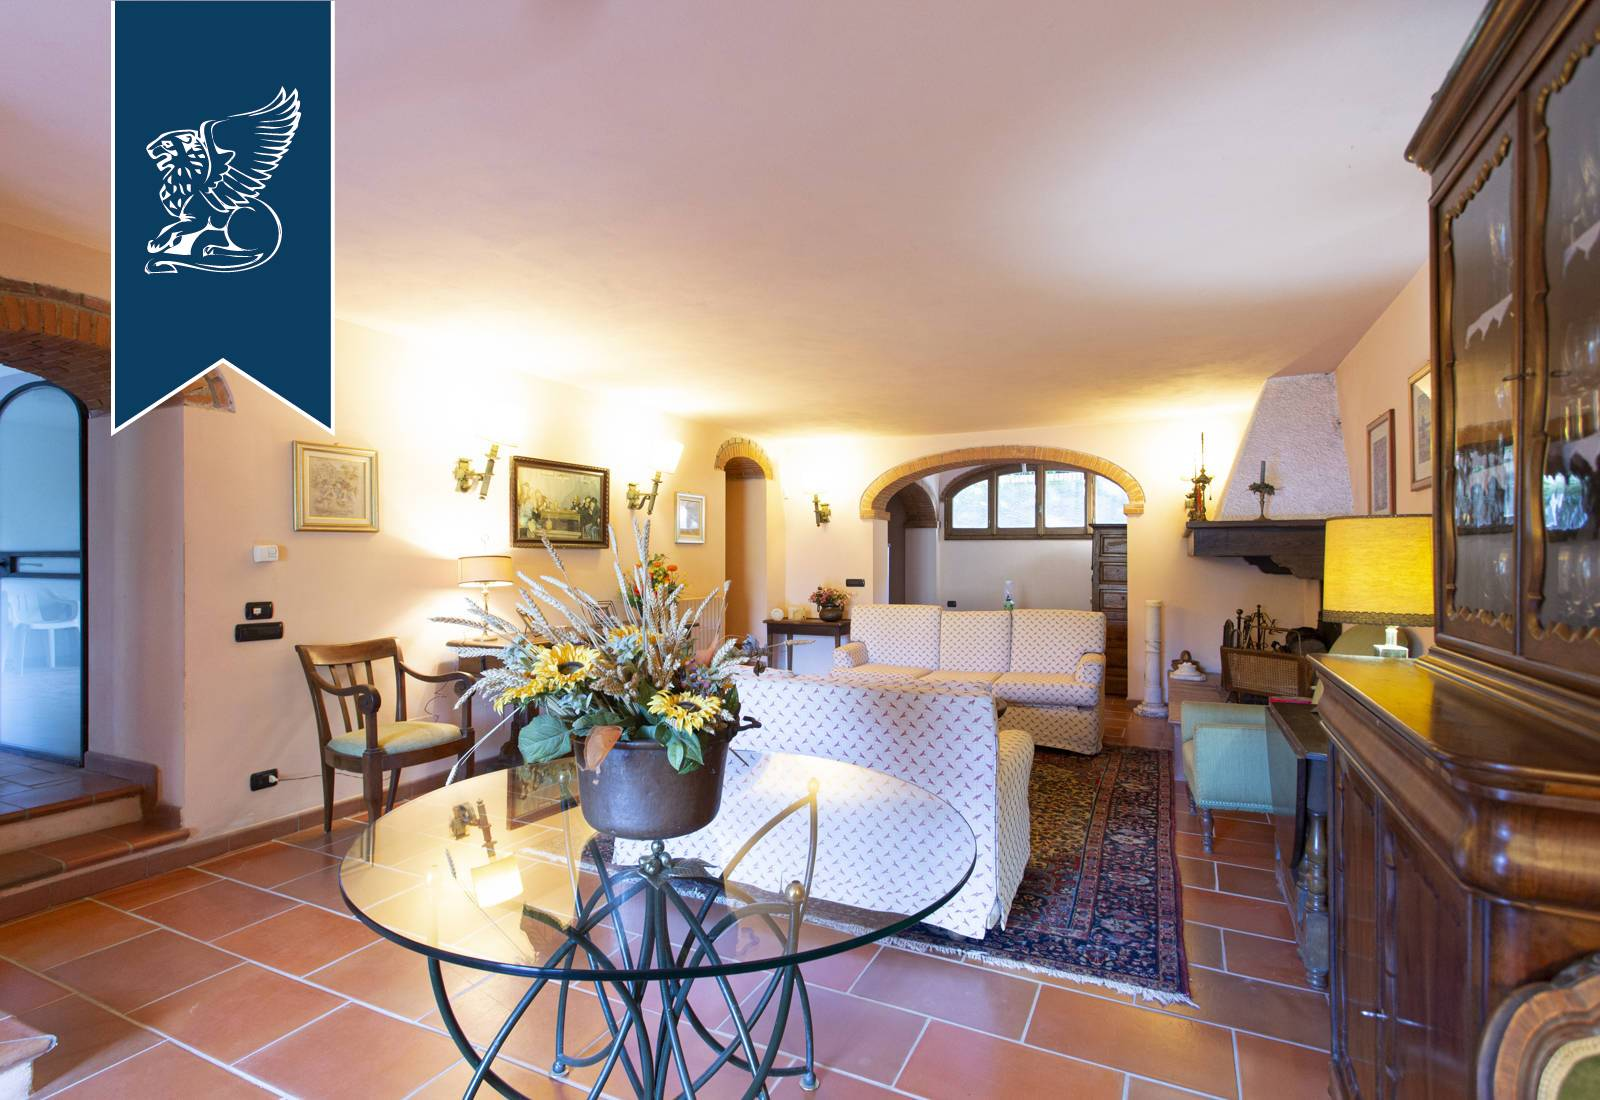 Villa in Vendita a Terranuova Bracciolini: 0 locali, 480 mq - Foto 5